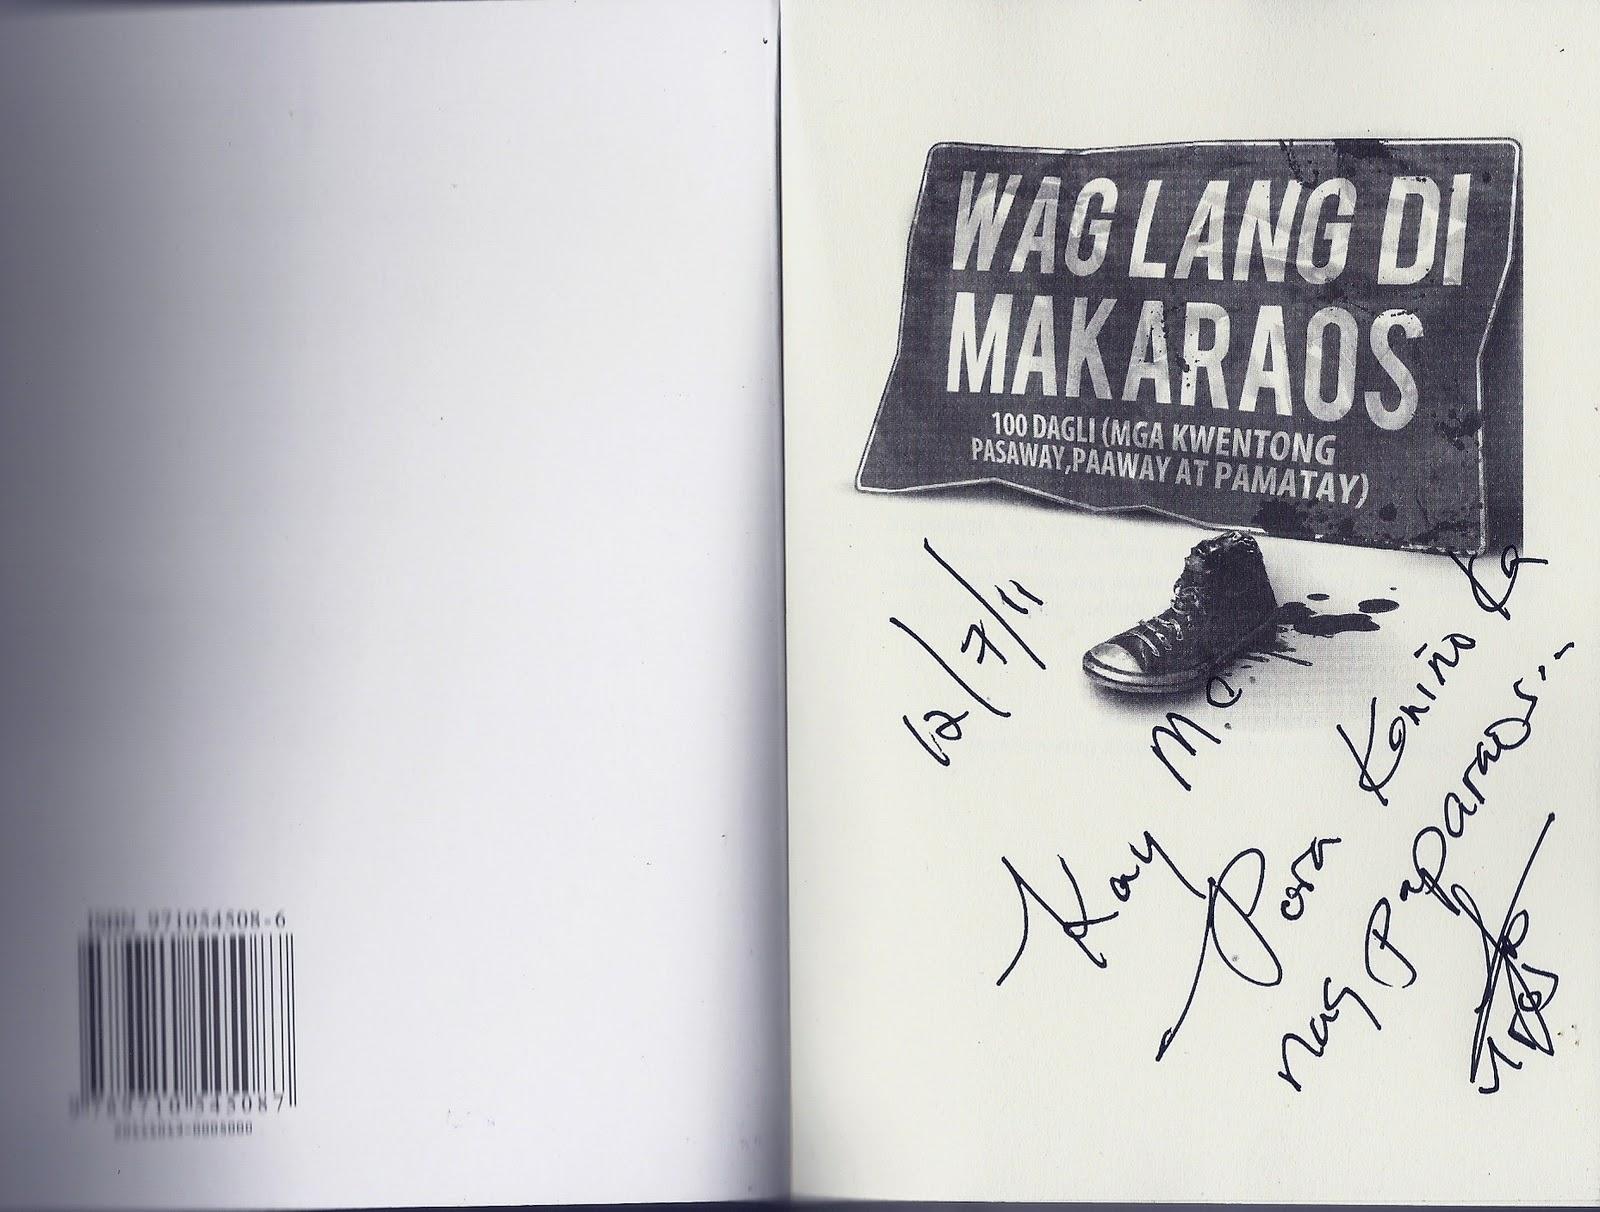 Idol ko ito mga pre sarap kainin - 2 4